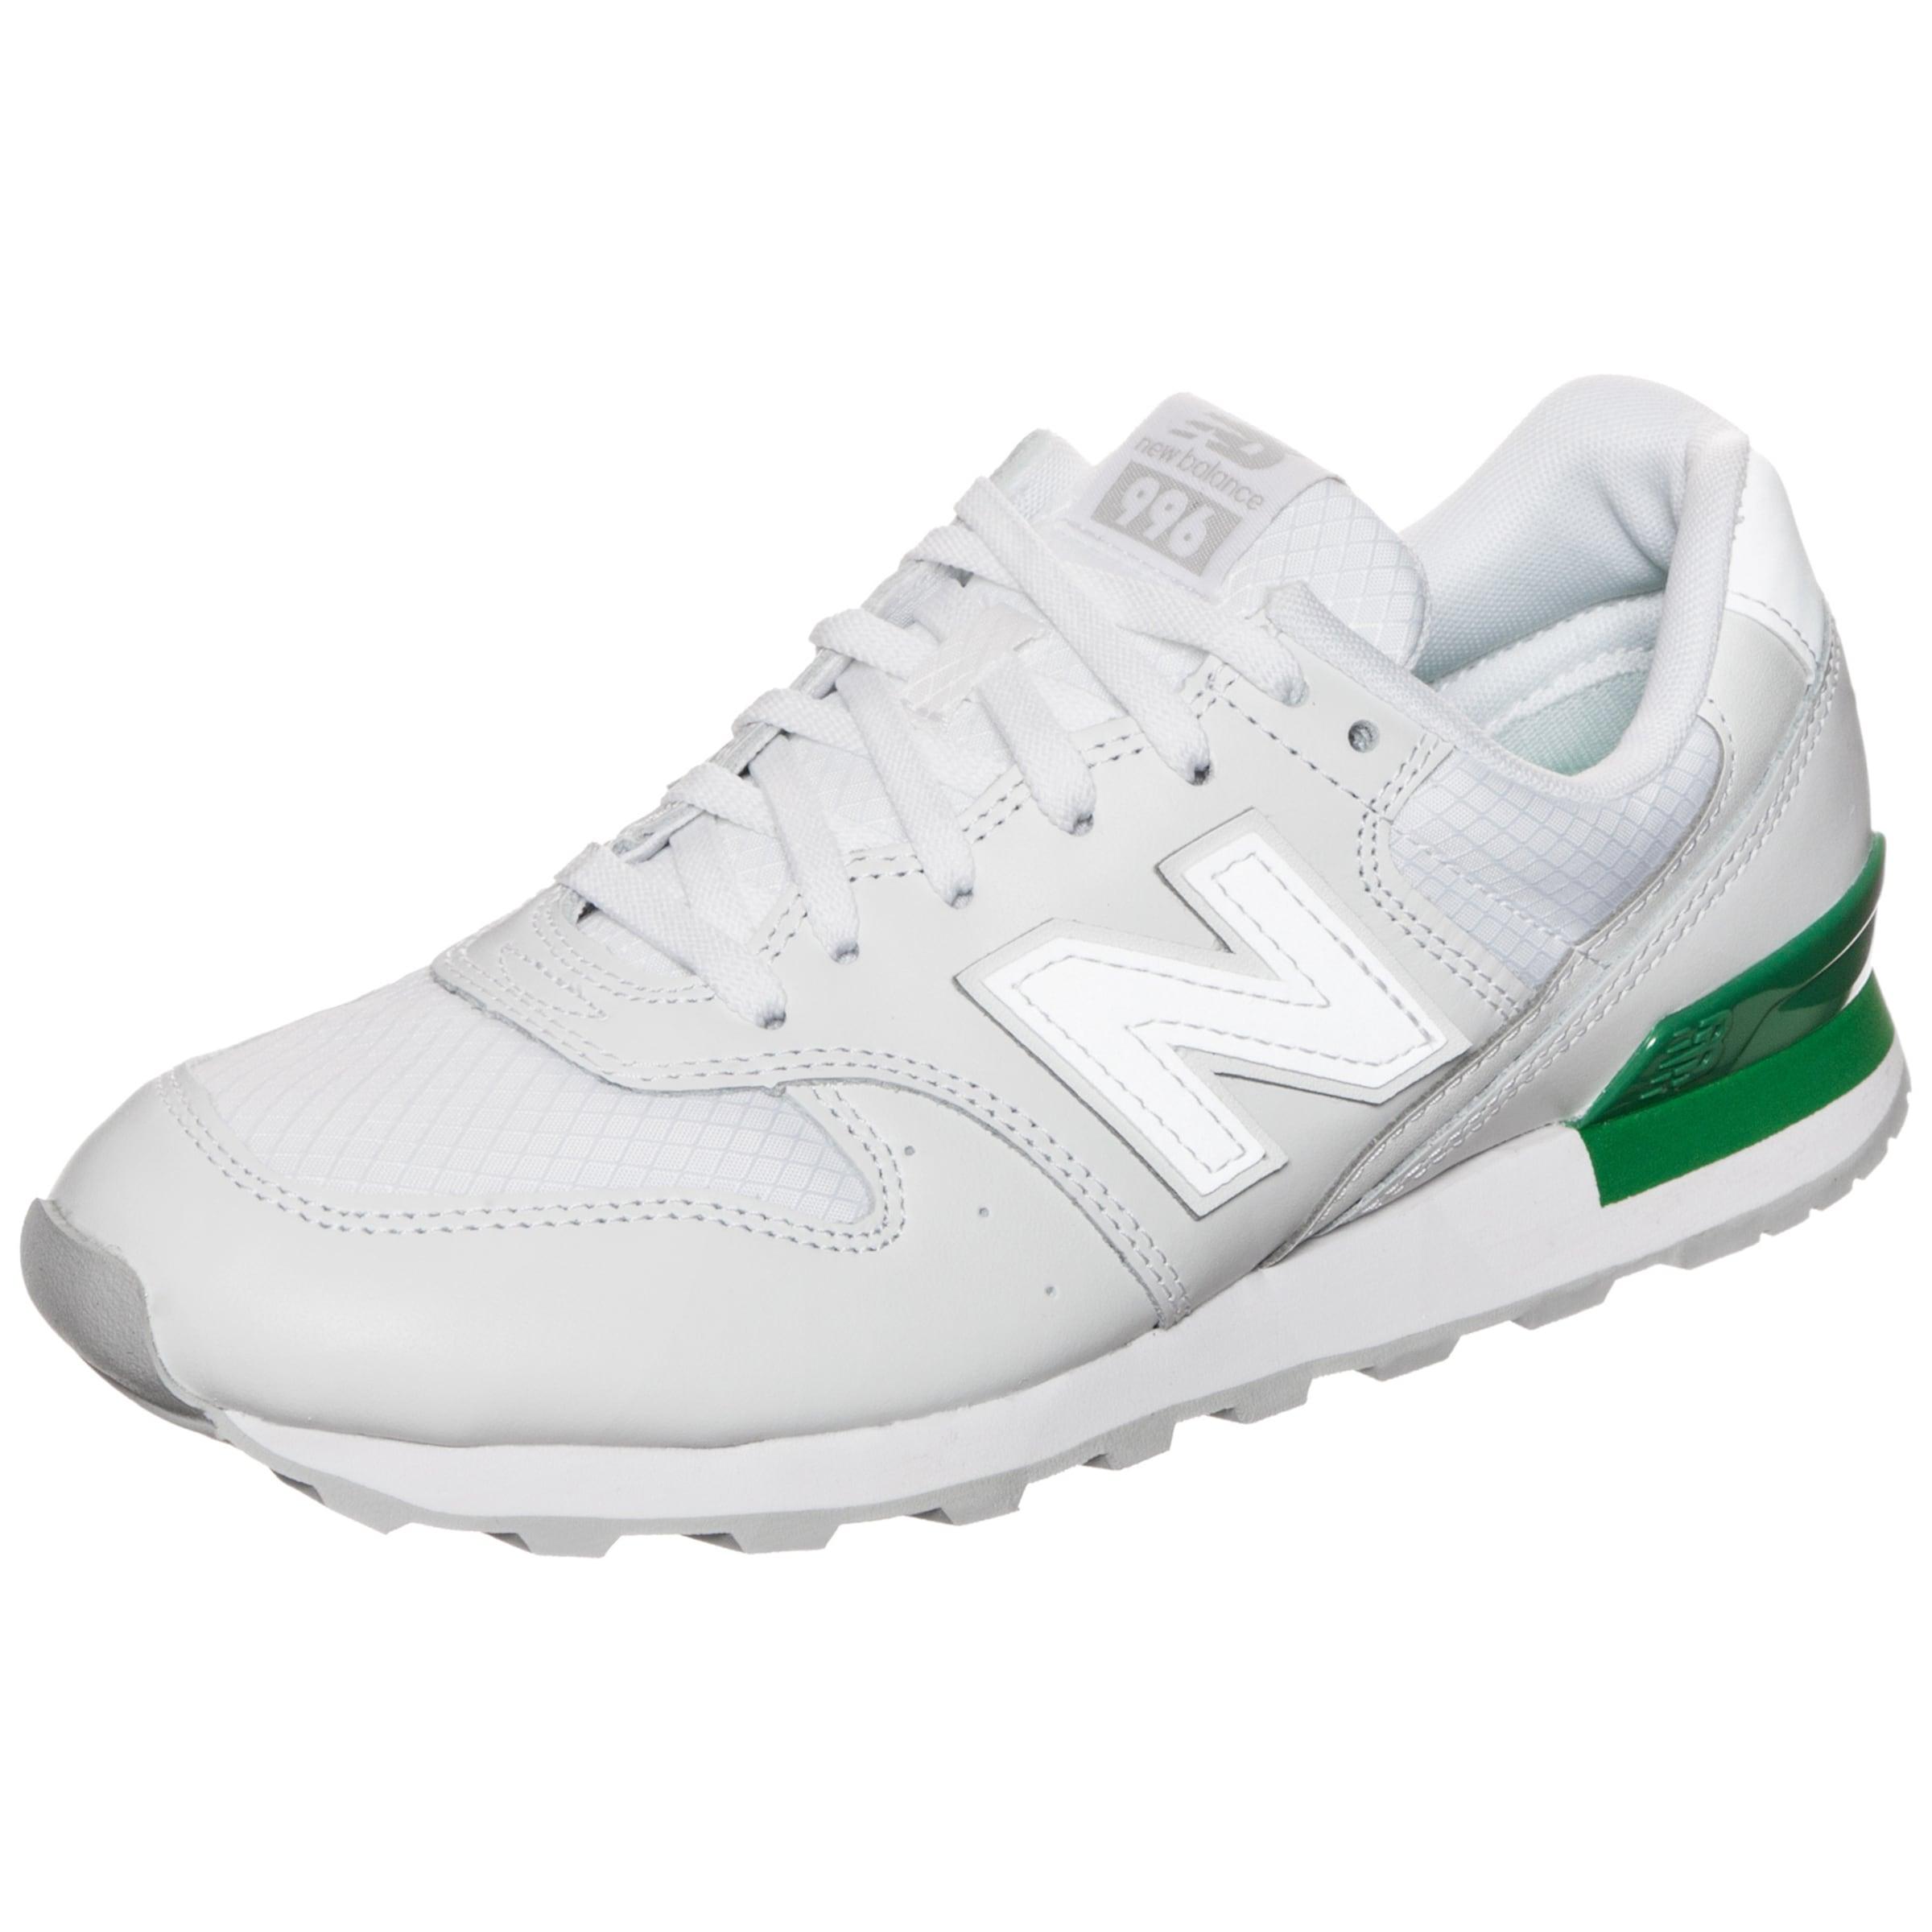 new balance WR996-SG-D Sneaker Damen Hohe Qualität